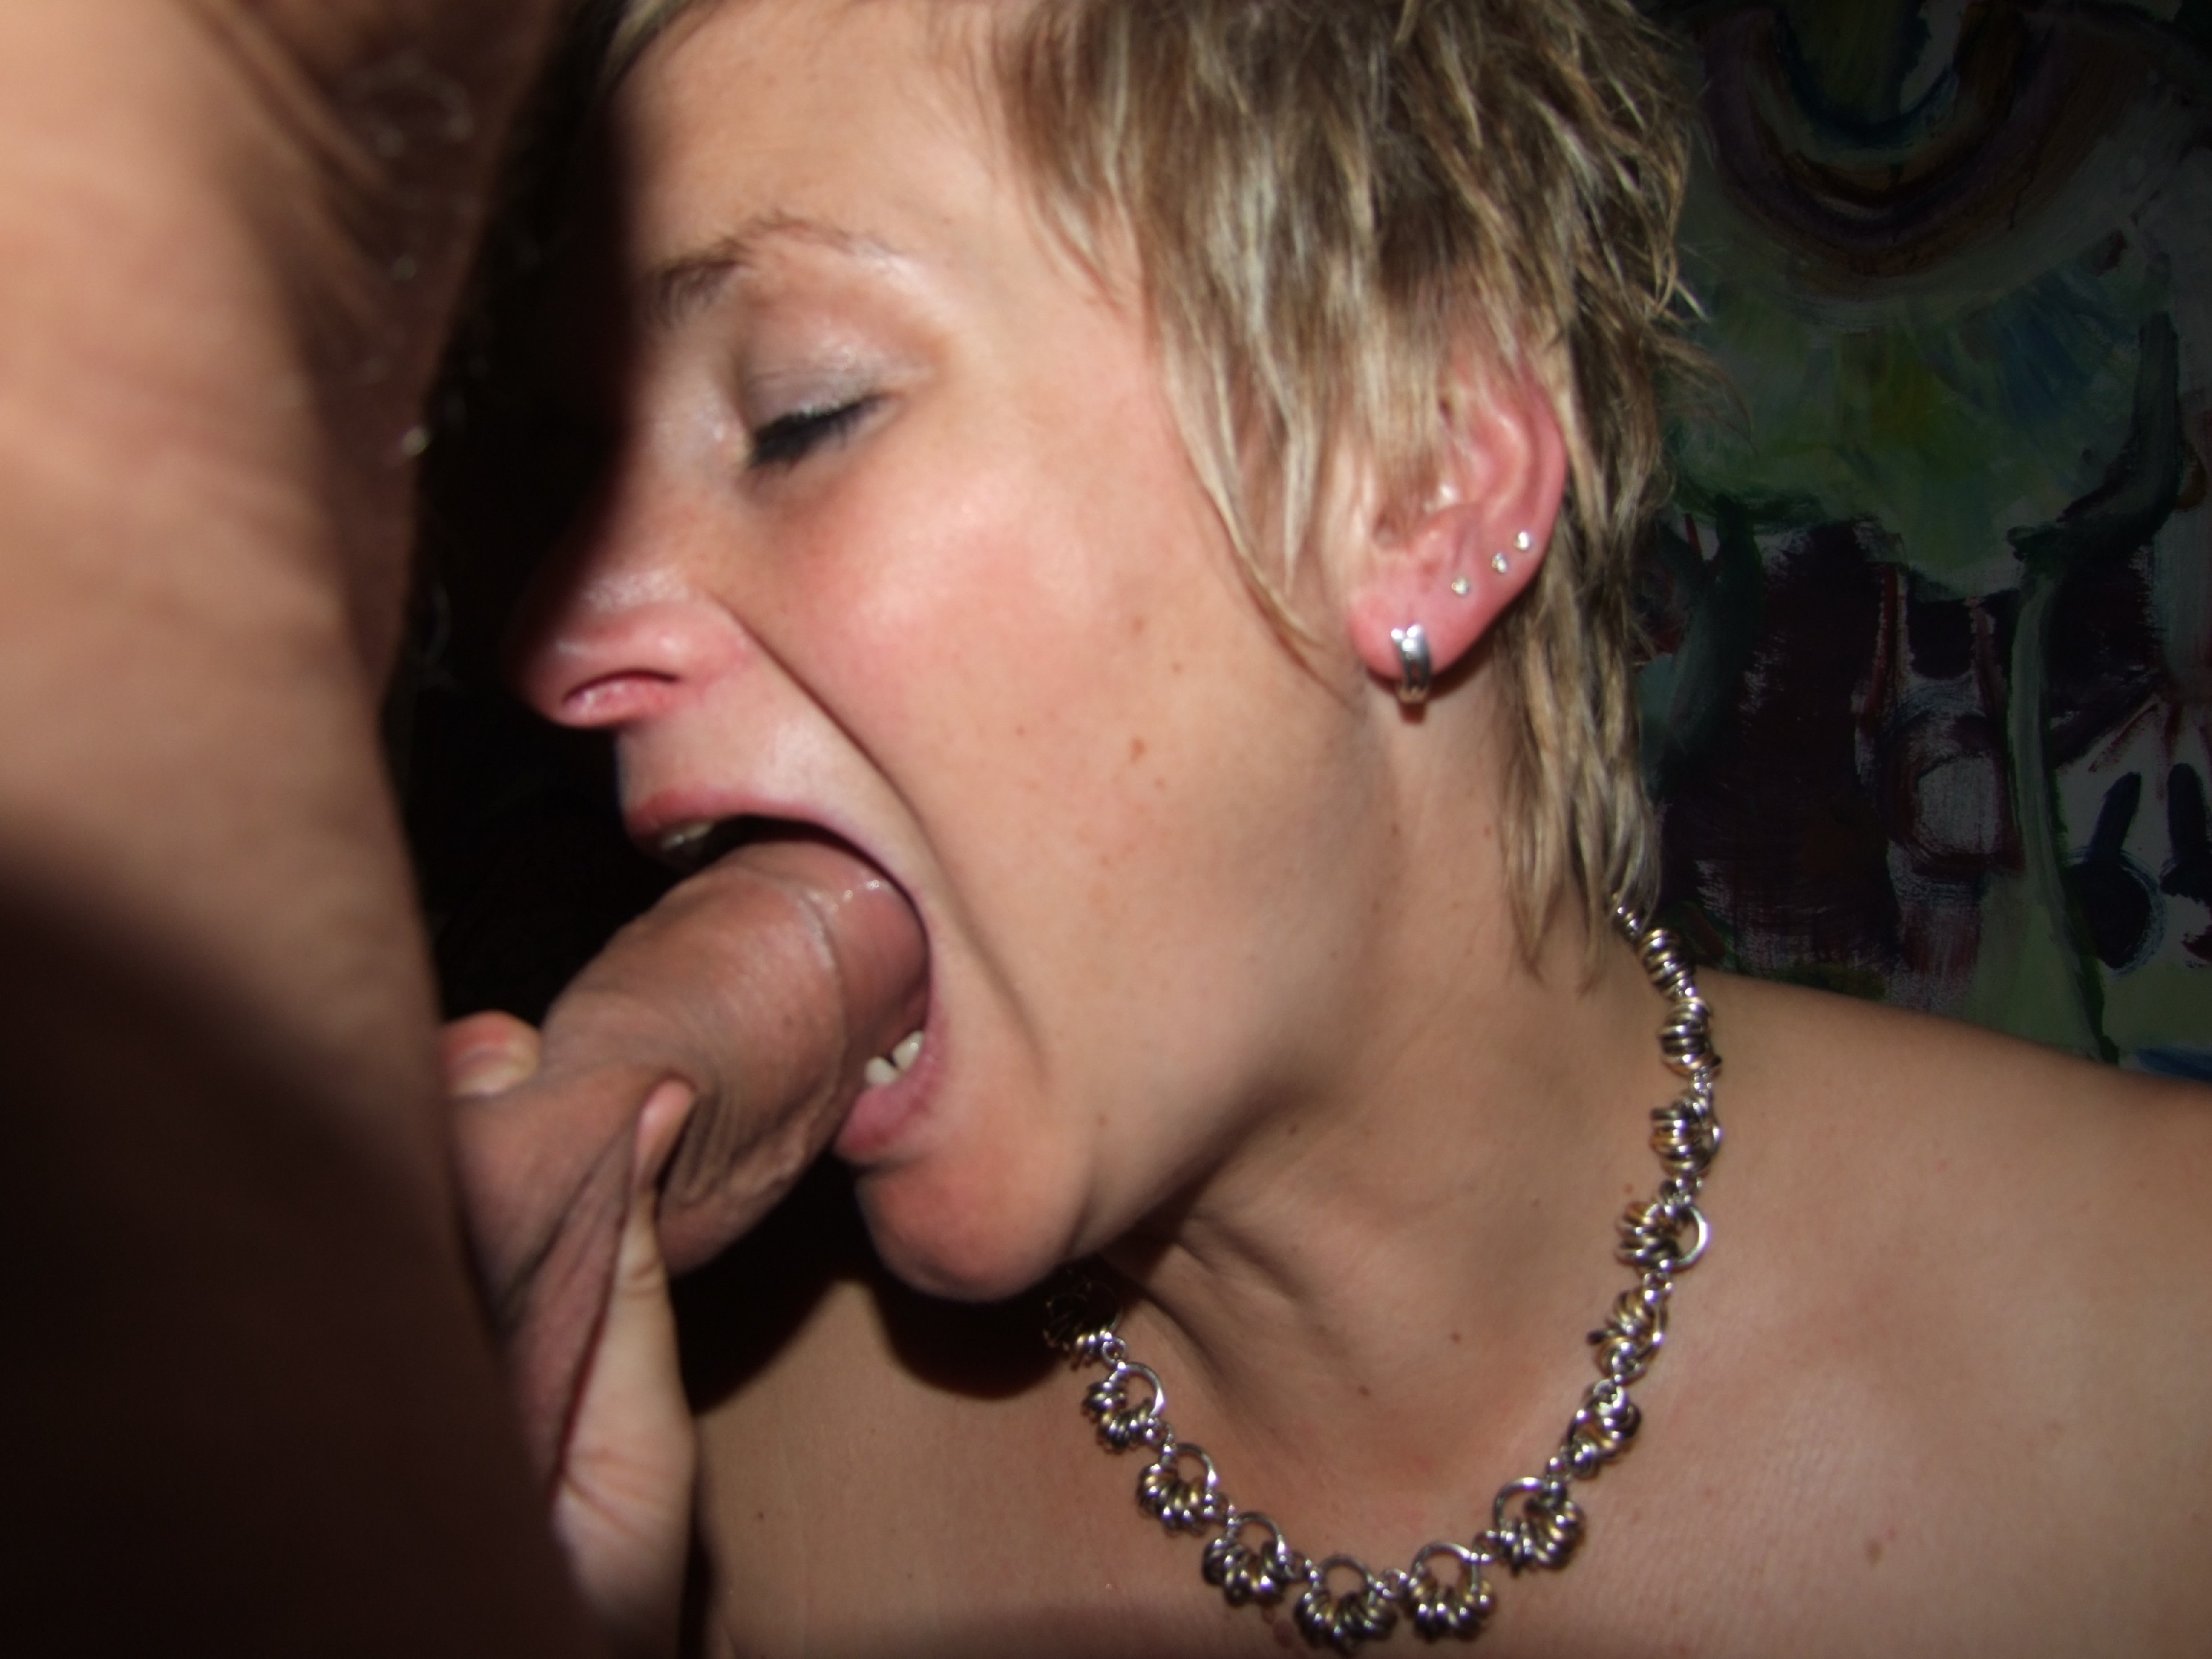 Зрелая женщина любит заниматься сексом с молодым парнем